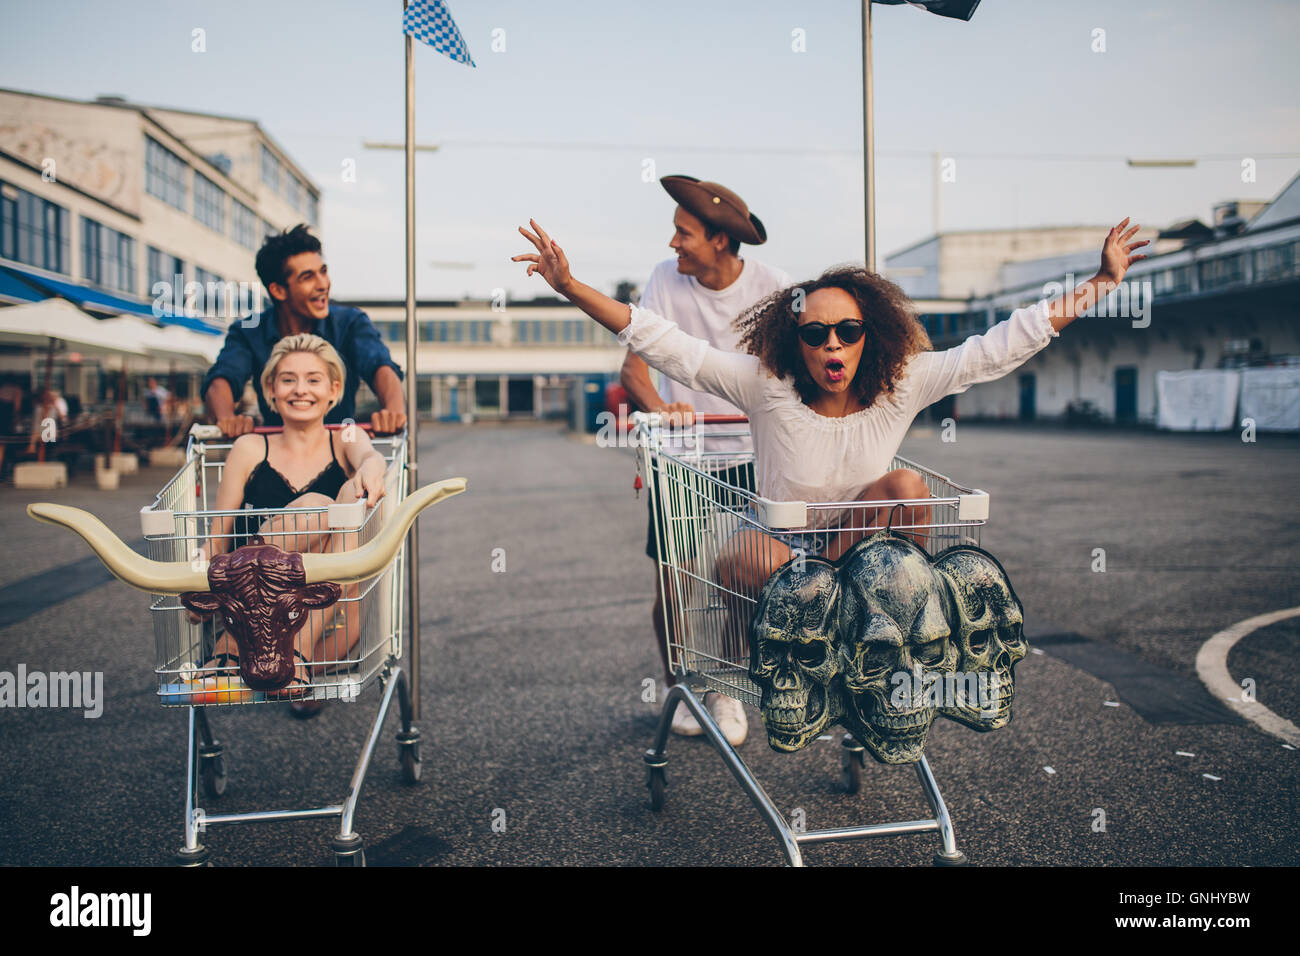 Jóvenes amigos divirtiéndose en un carrito de la compra. Los jóvenes multiétnica racing en compras. Imagen De Stock